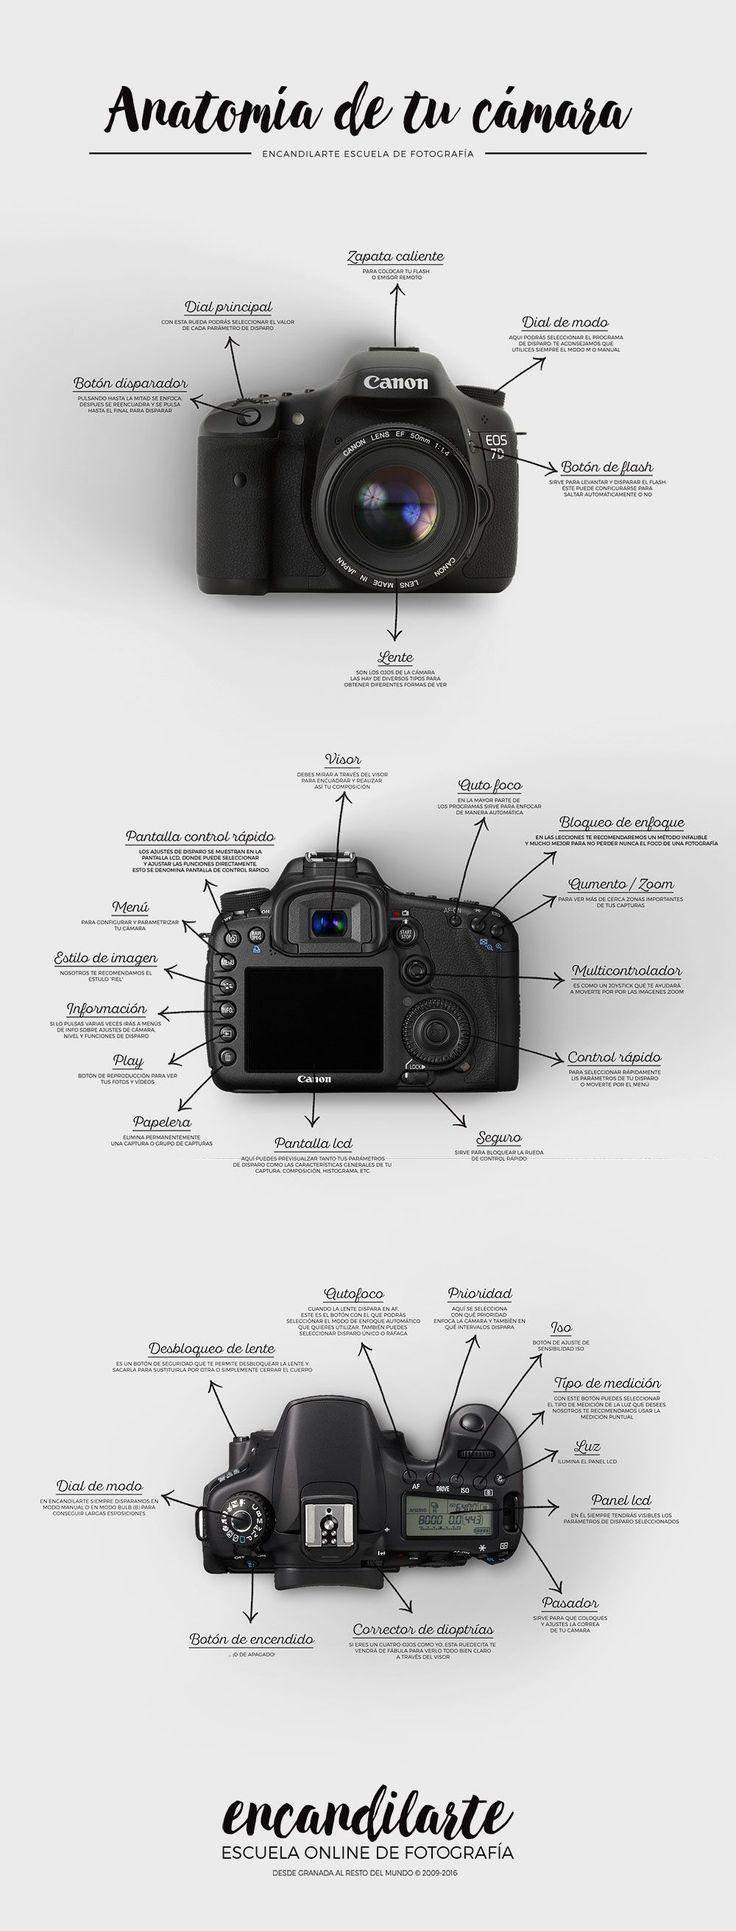 ENCANDILARTE Escuela Online de Fotografía  #canon #camara #fotografia #cursosfotografia #escuelafotografia